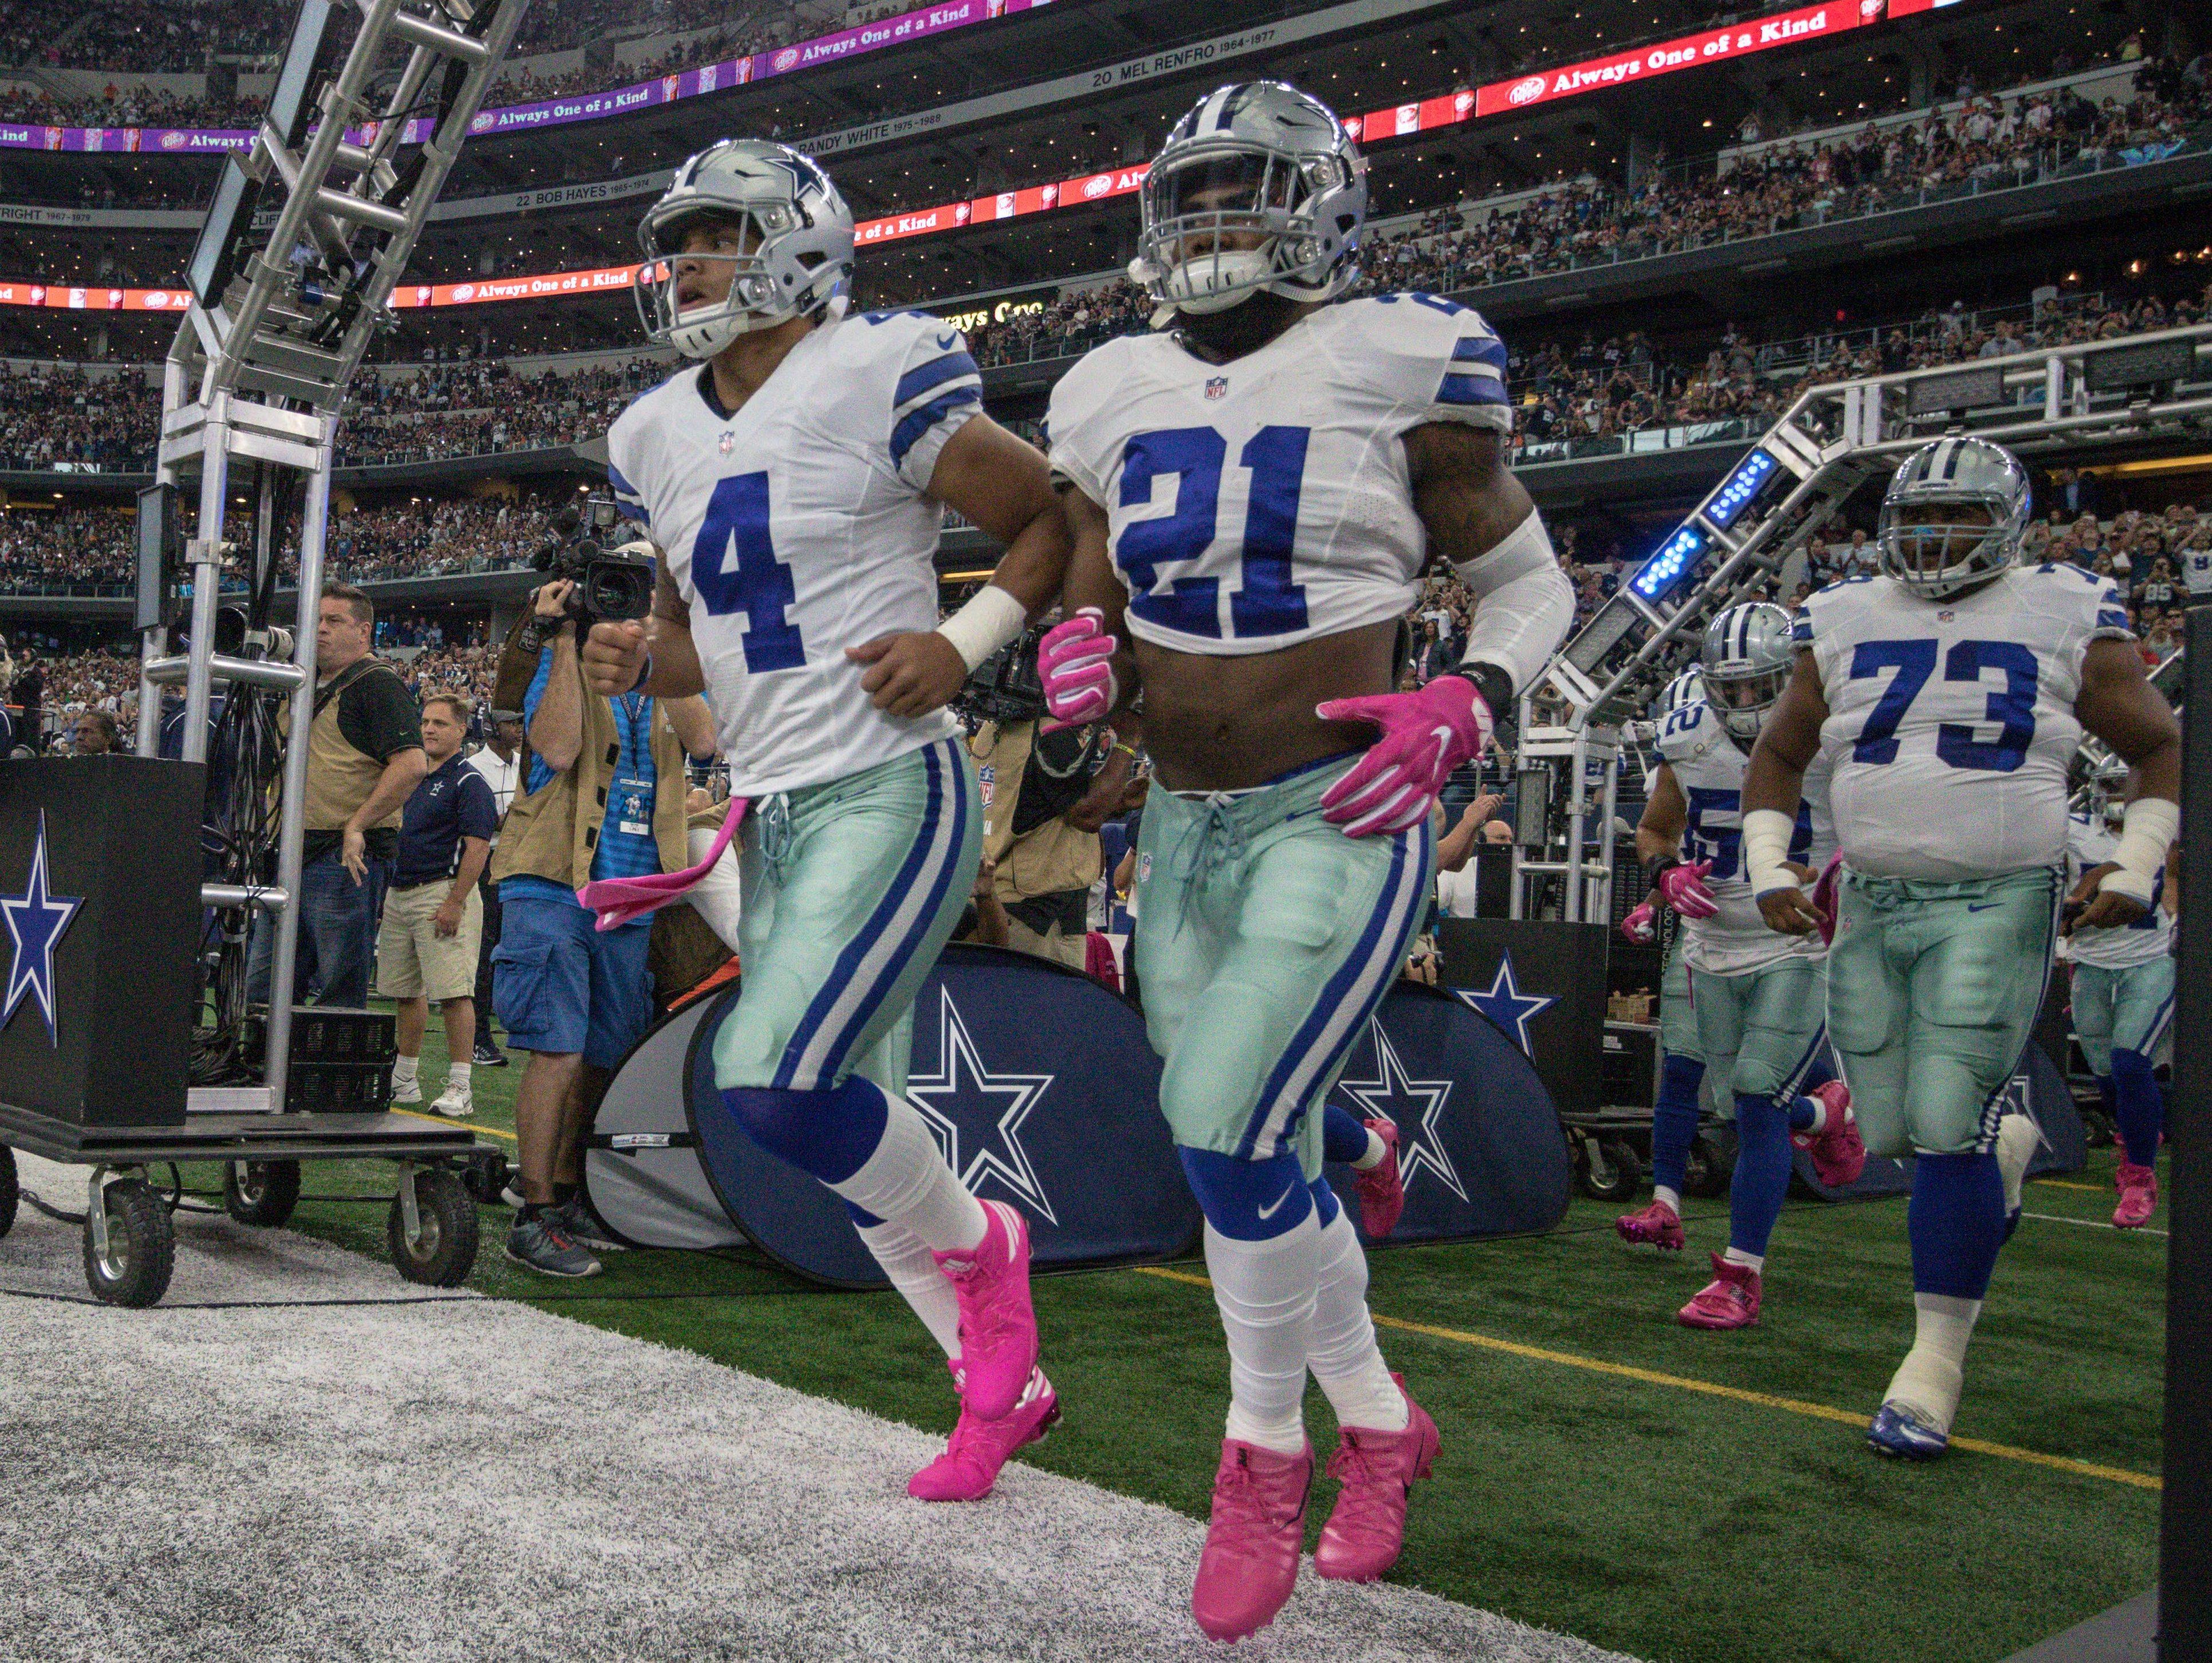 NFL: OCT 09 Bengals at Cowboys